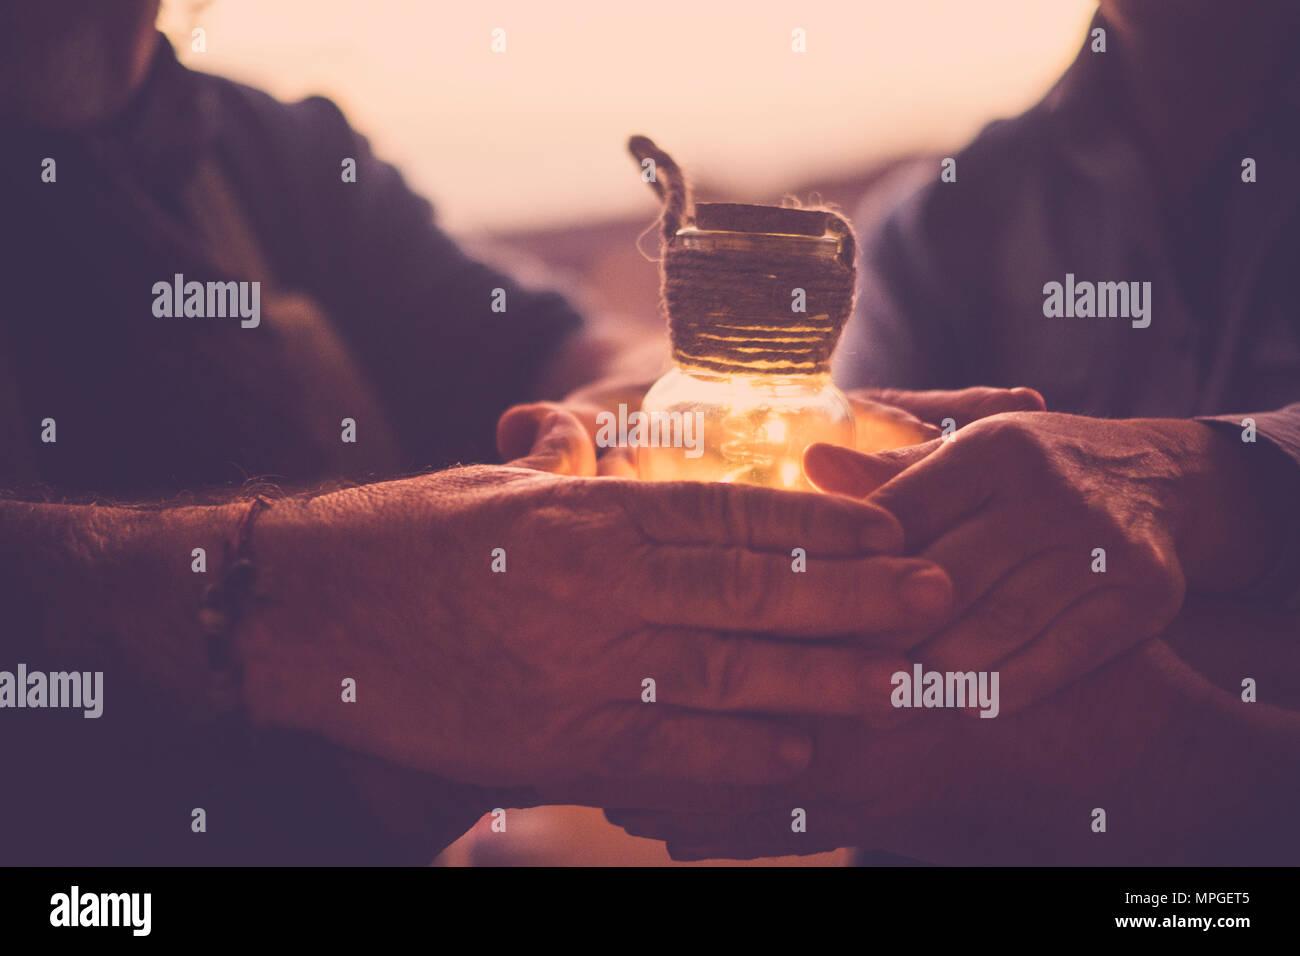 8 unite le mani tenere un piccolo vasetto di vetro contenente una luce gialla. Immagini Stock